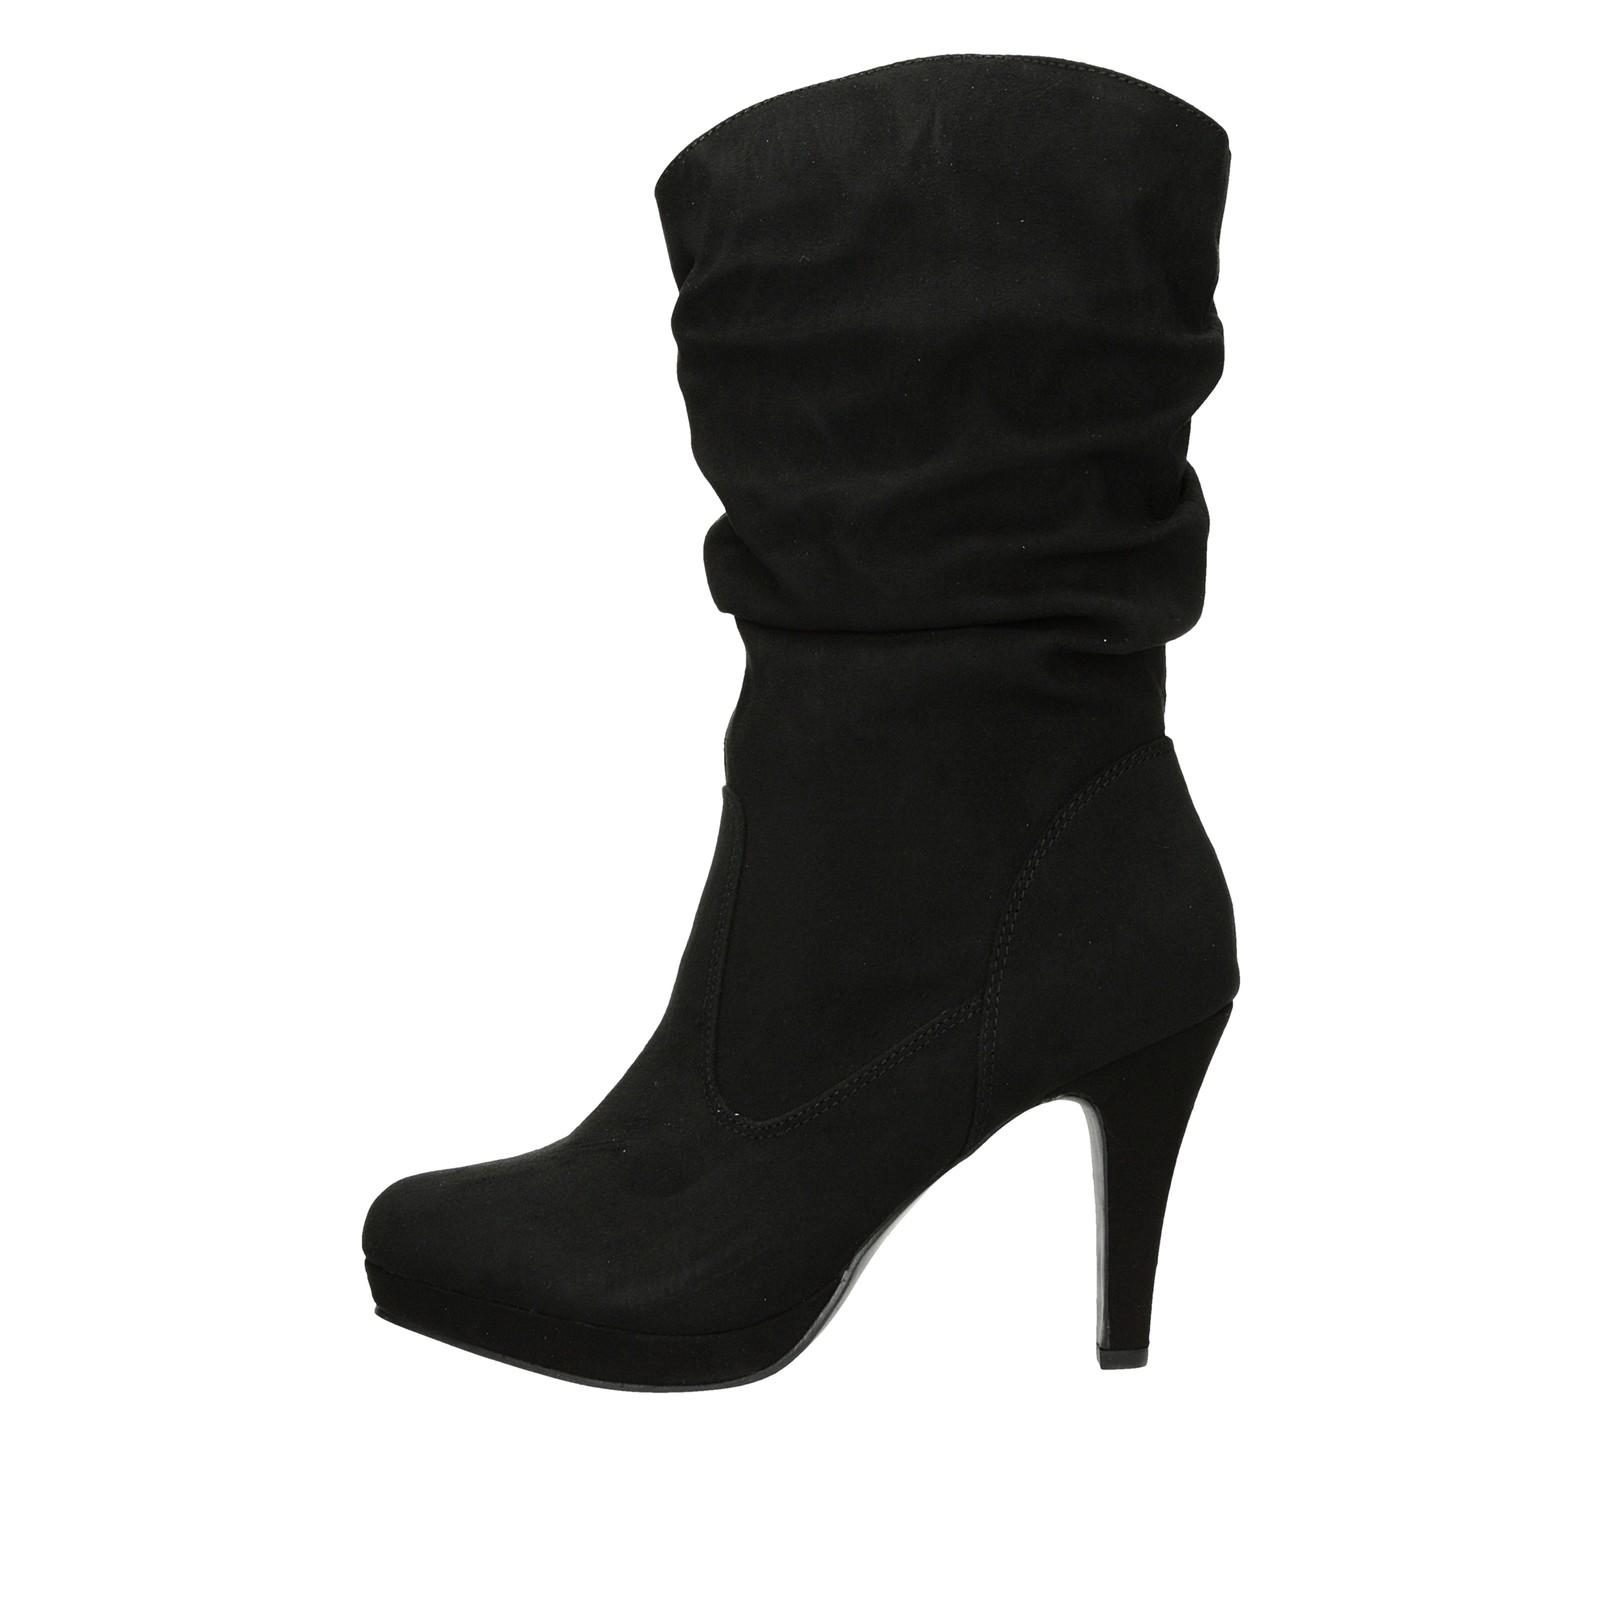 ... Jane Klain dámske textilné čižmy na vysokom podpätku - čierne ... 31ea1429d36